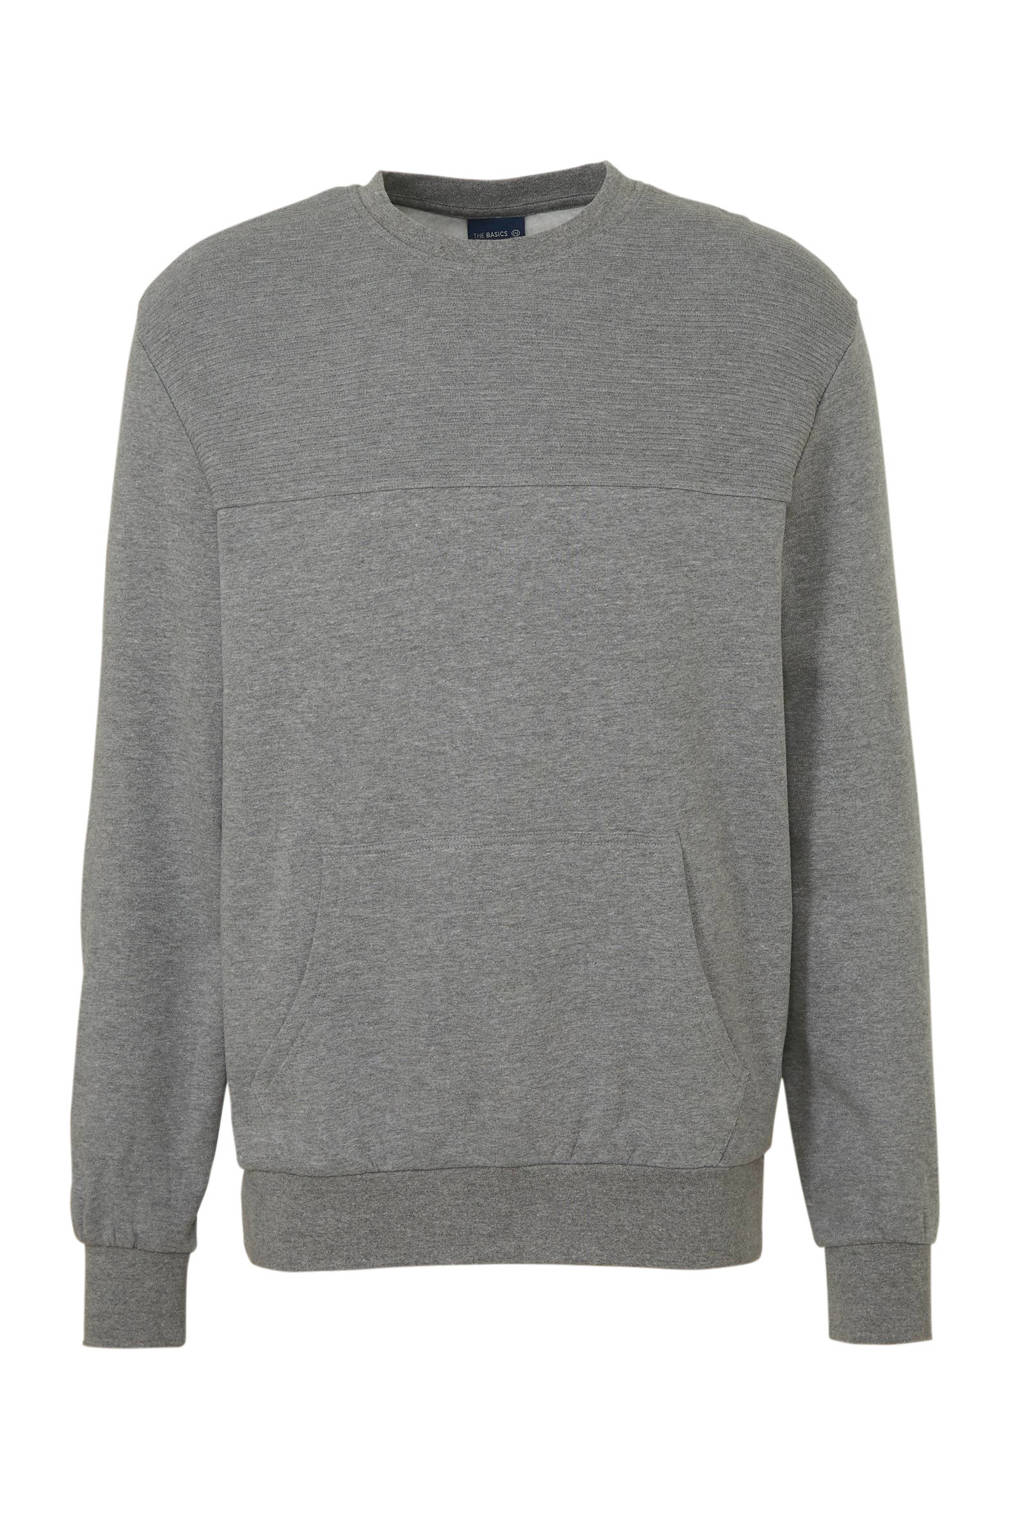 C&A Angelo Litrico gemêleerde sweater grijs, Grijs